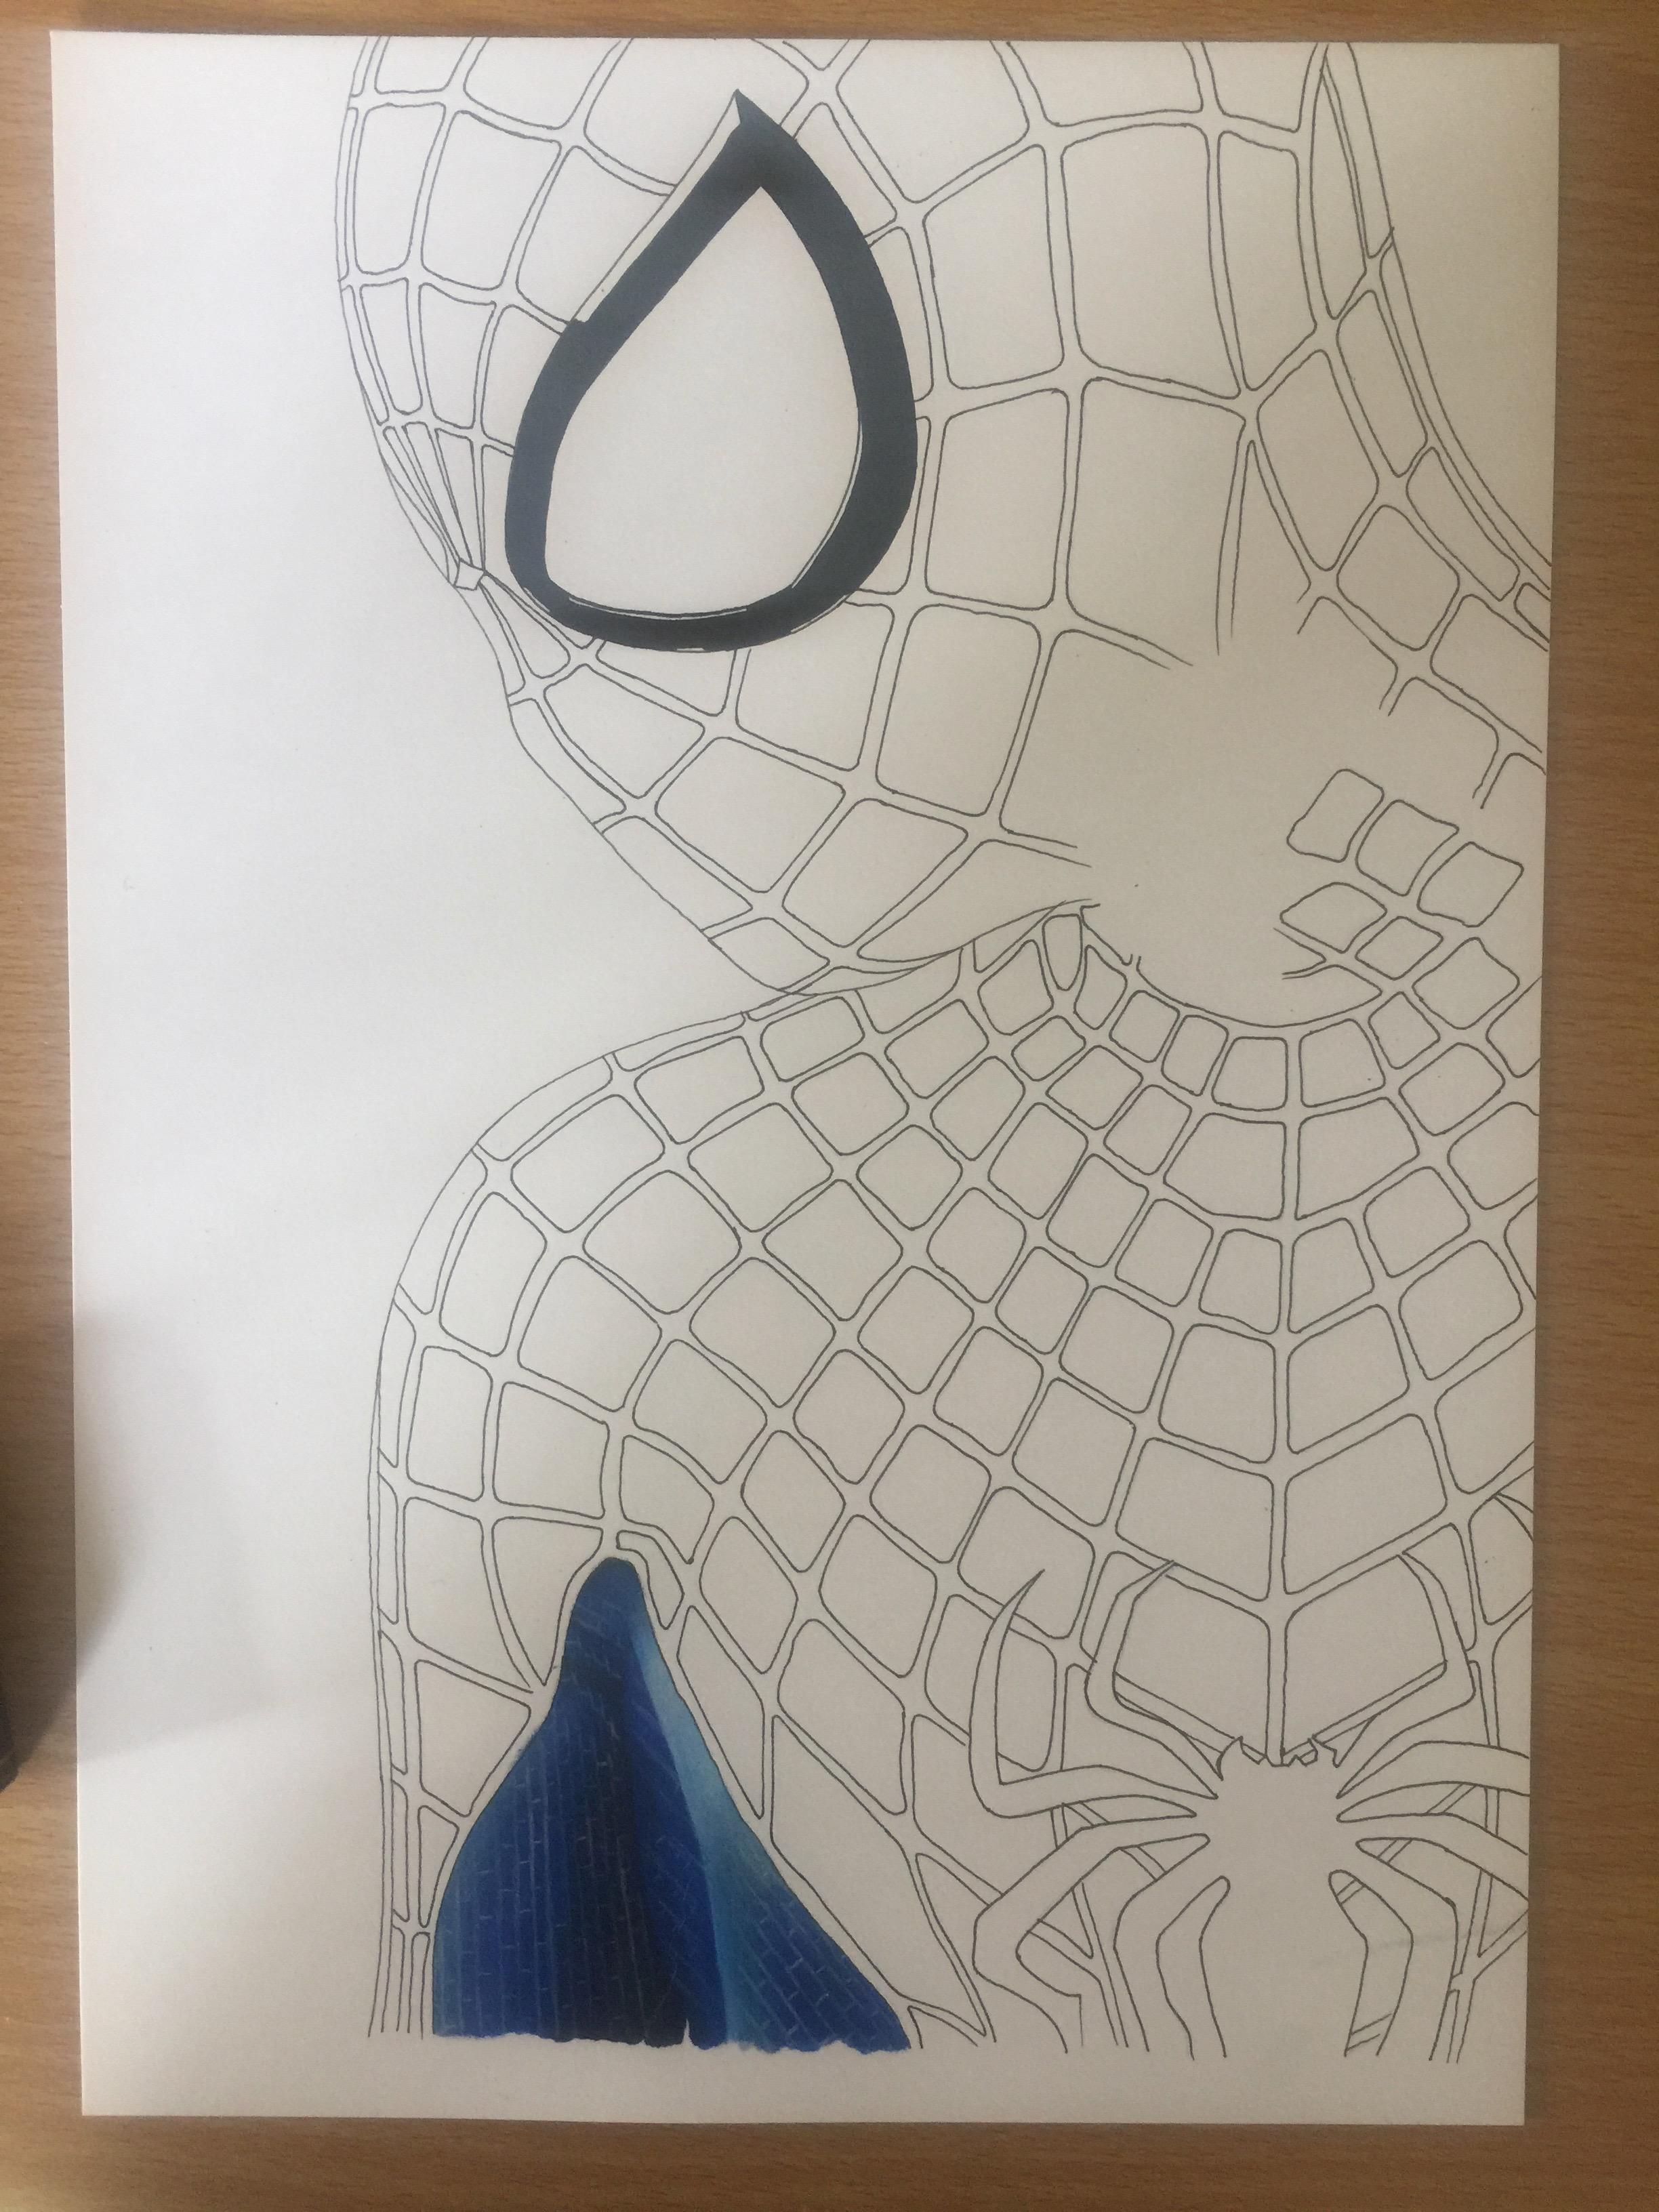 Spiderman Line Work